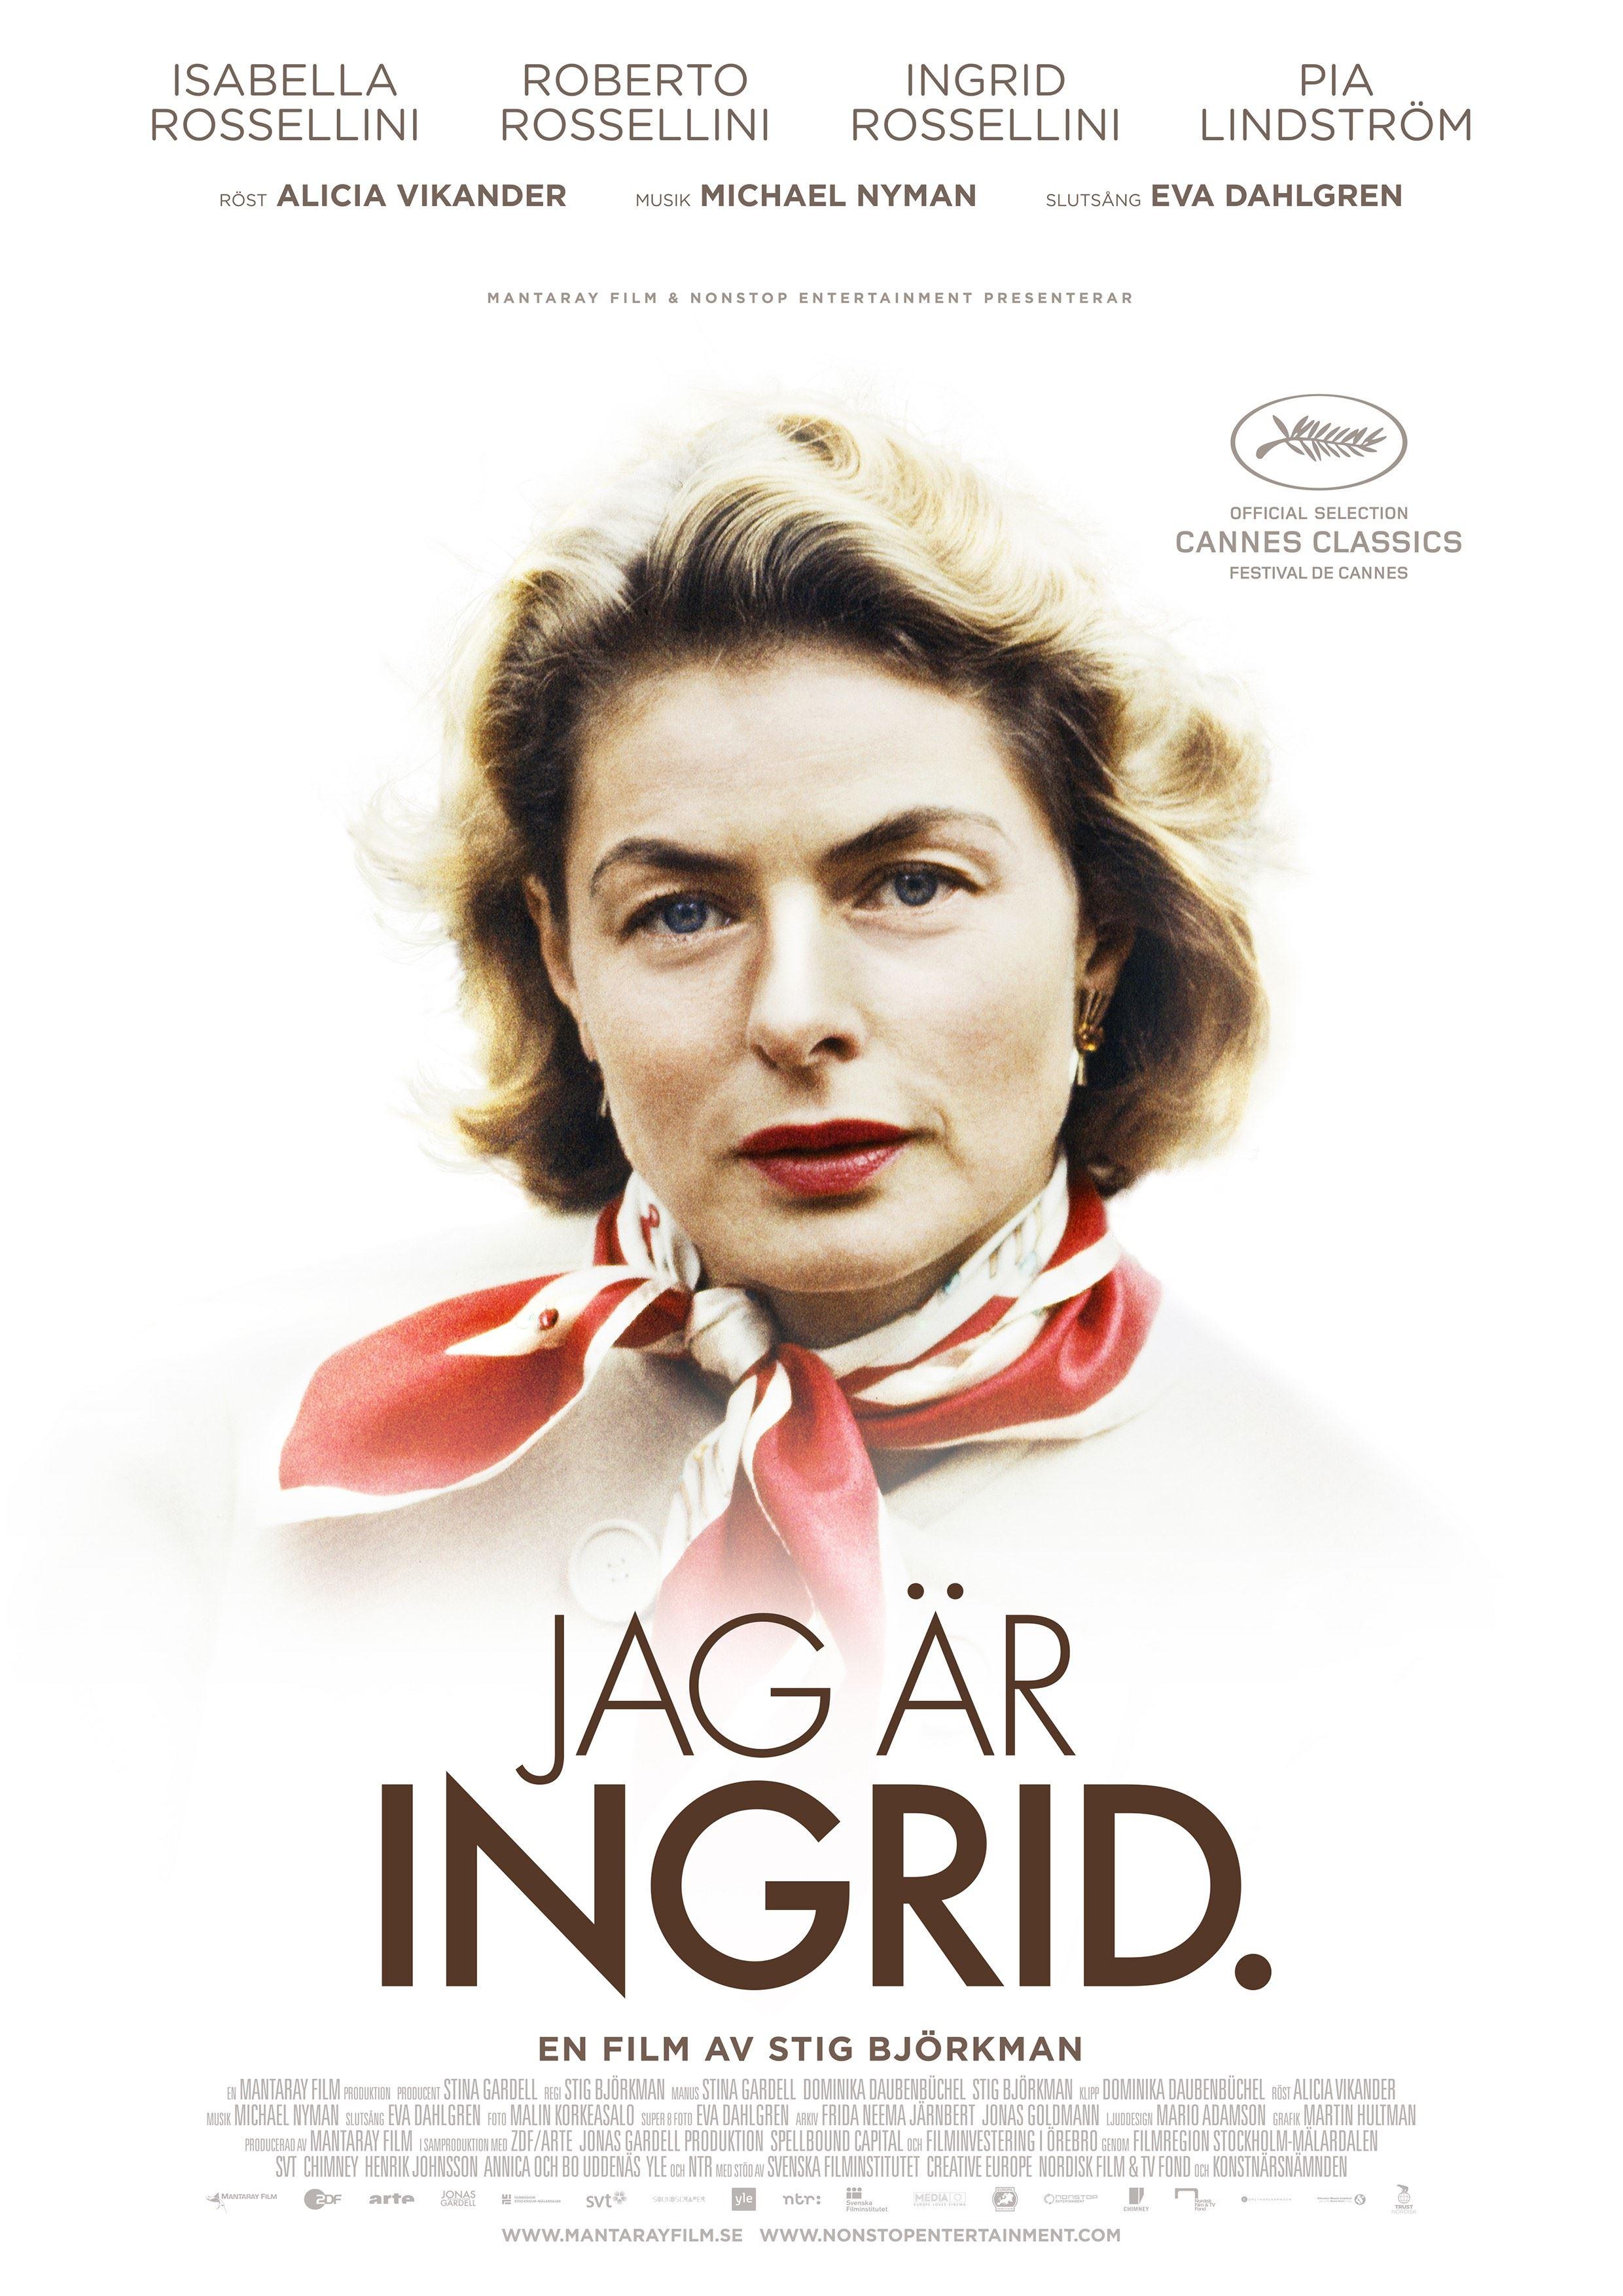 Dagbio: Jag är Ingrid, Röda kvarn Edsbyn